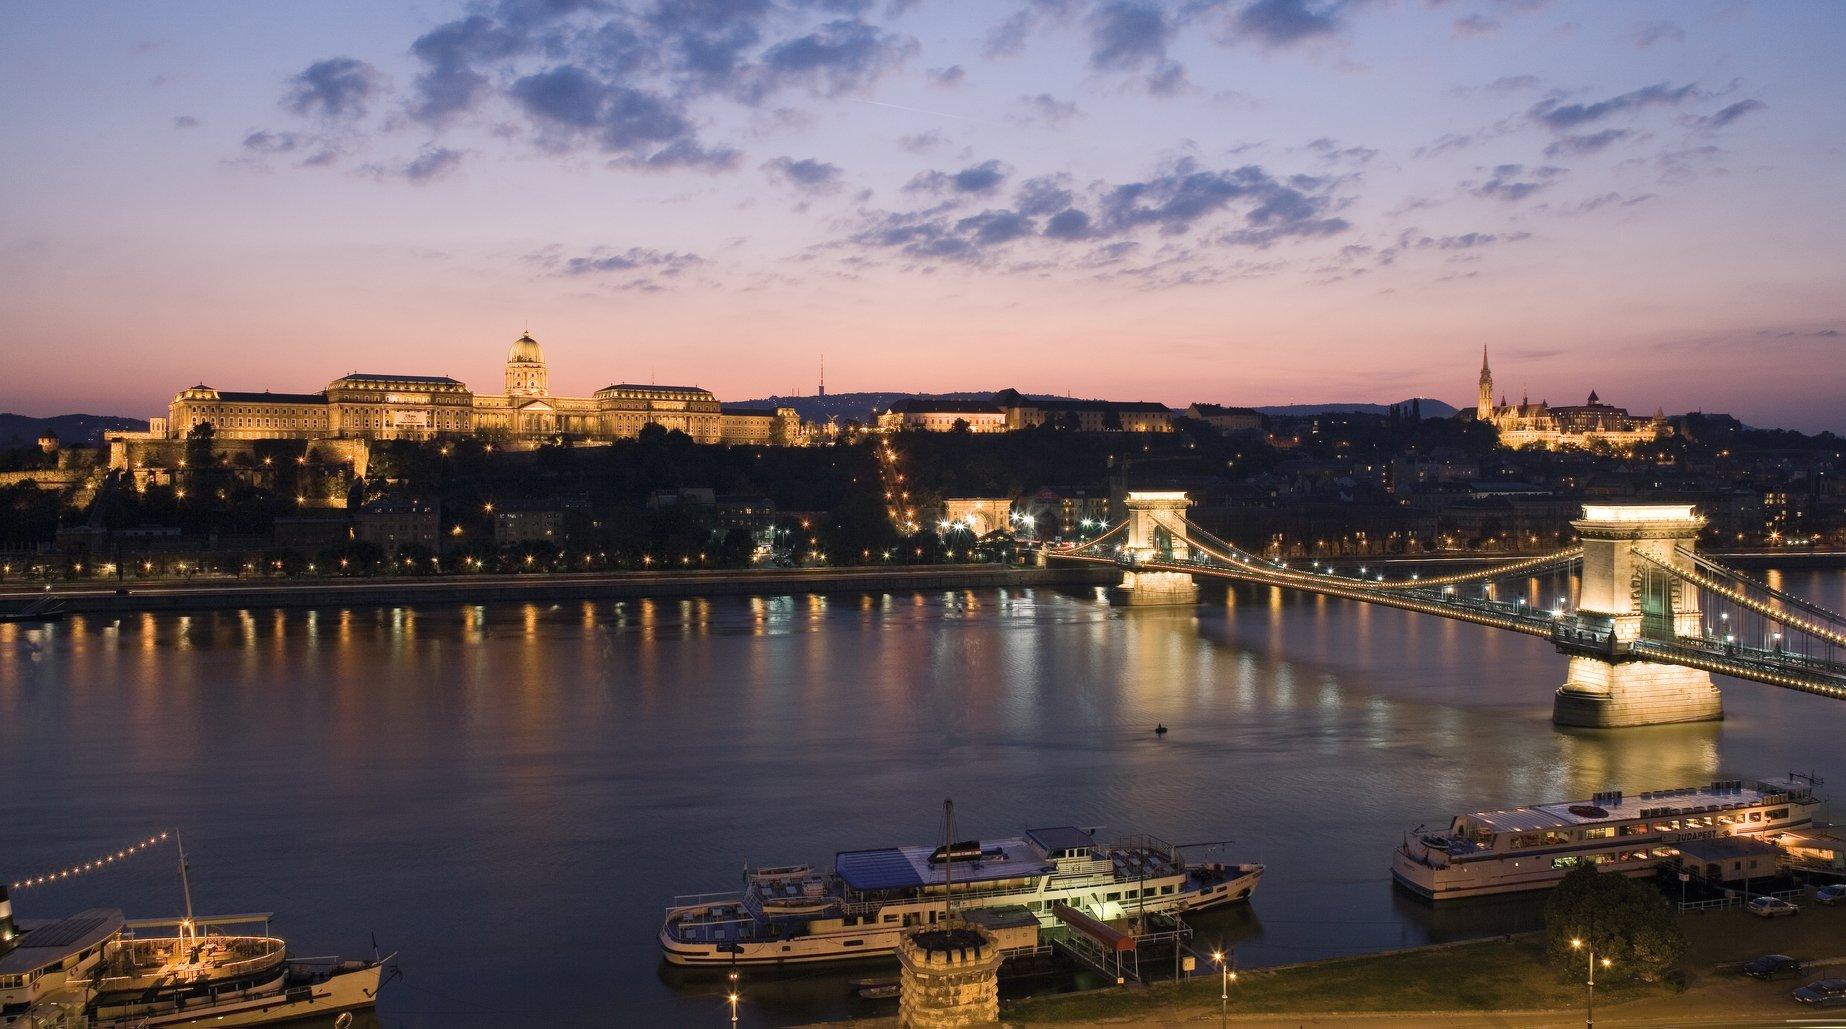 Új Igazgató a Sofitel Budapest Chain Bridge Hotel élén